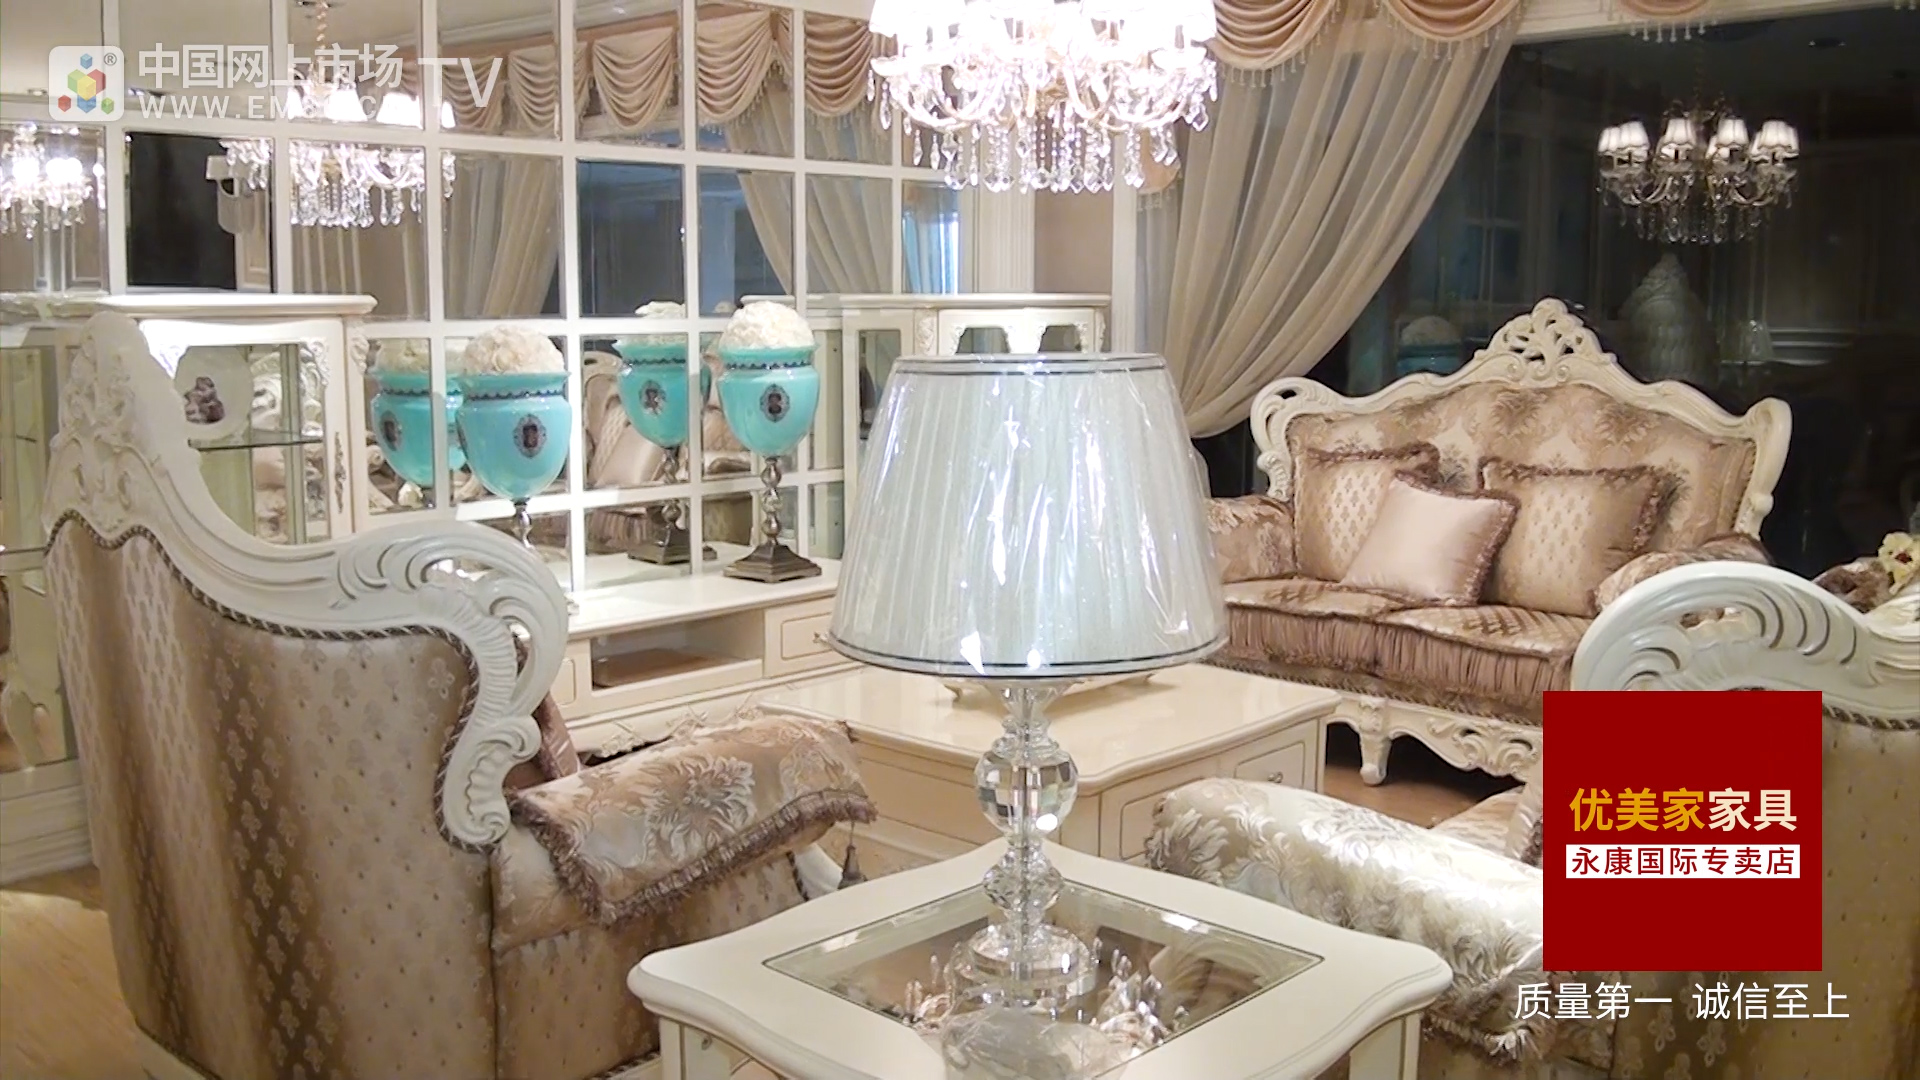 主要销售: 时尚家居优美家,清溪民匠纯实木家具,美格登欧式家具等产品图片